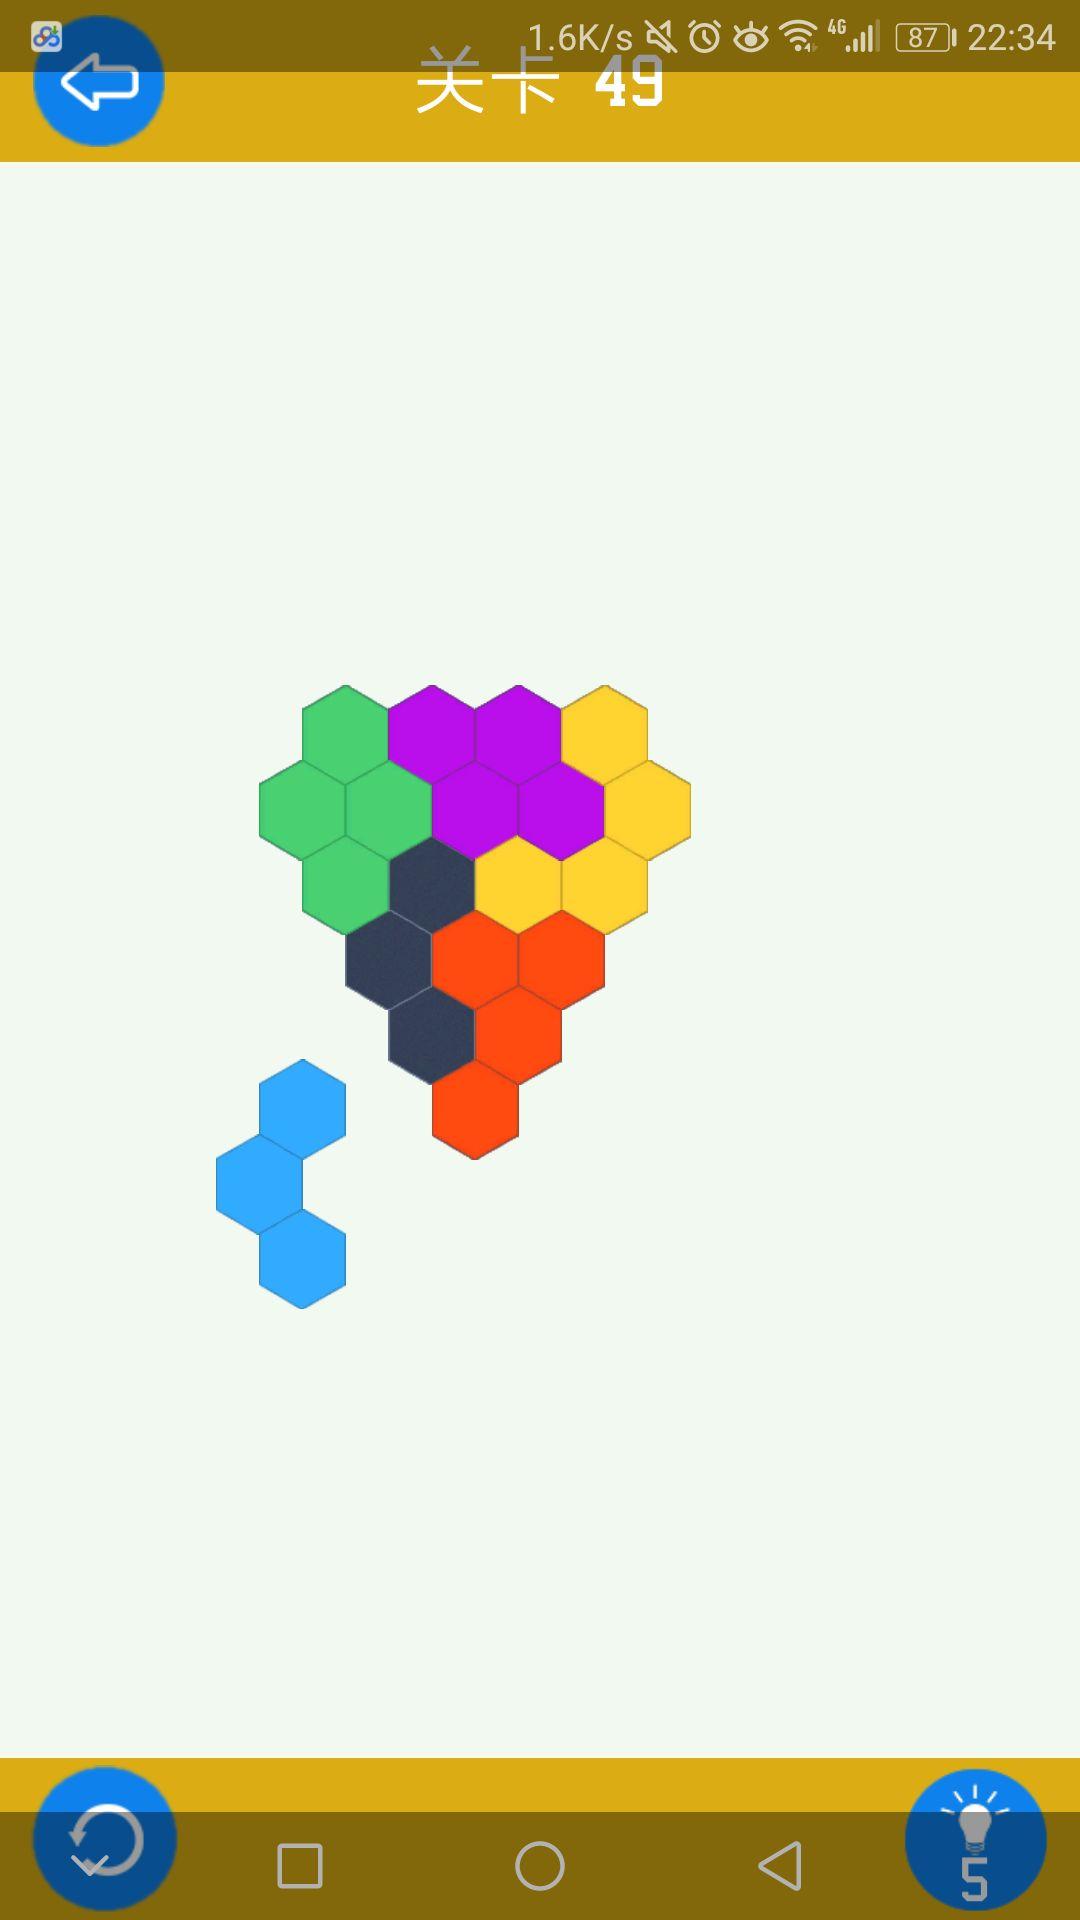 六边形拼图简单第49关通关攻略